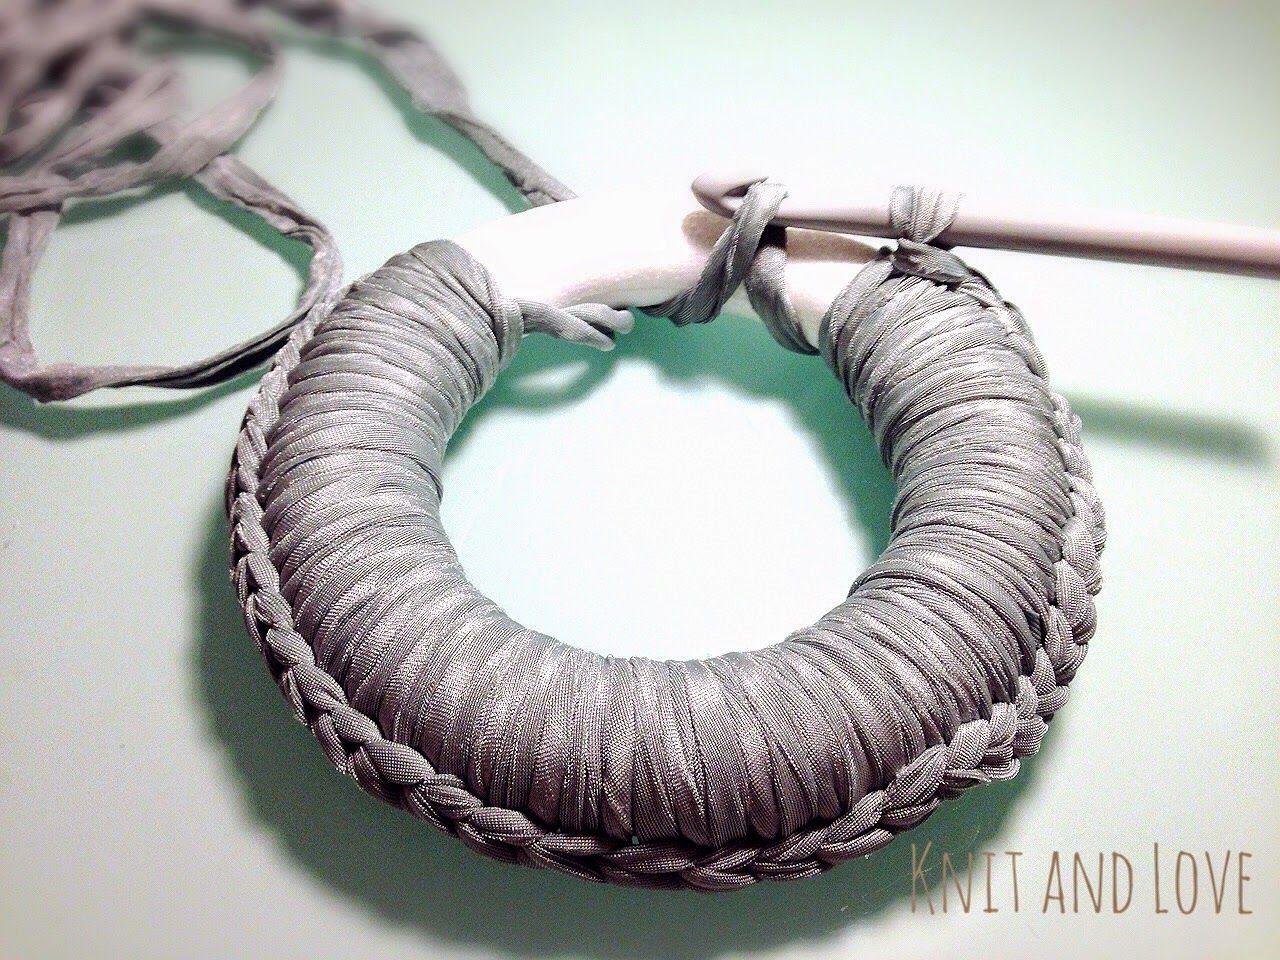 Corona de navidad de trapillo knit and love navidad - Coronas de navidad ...